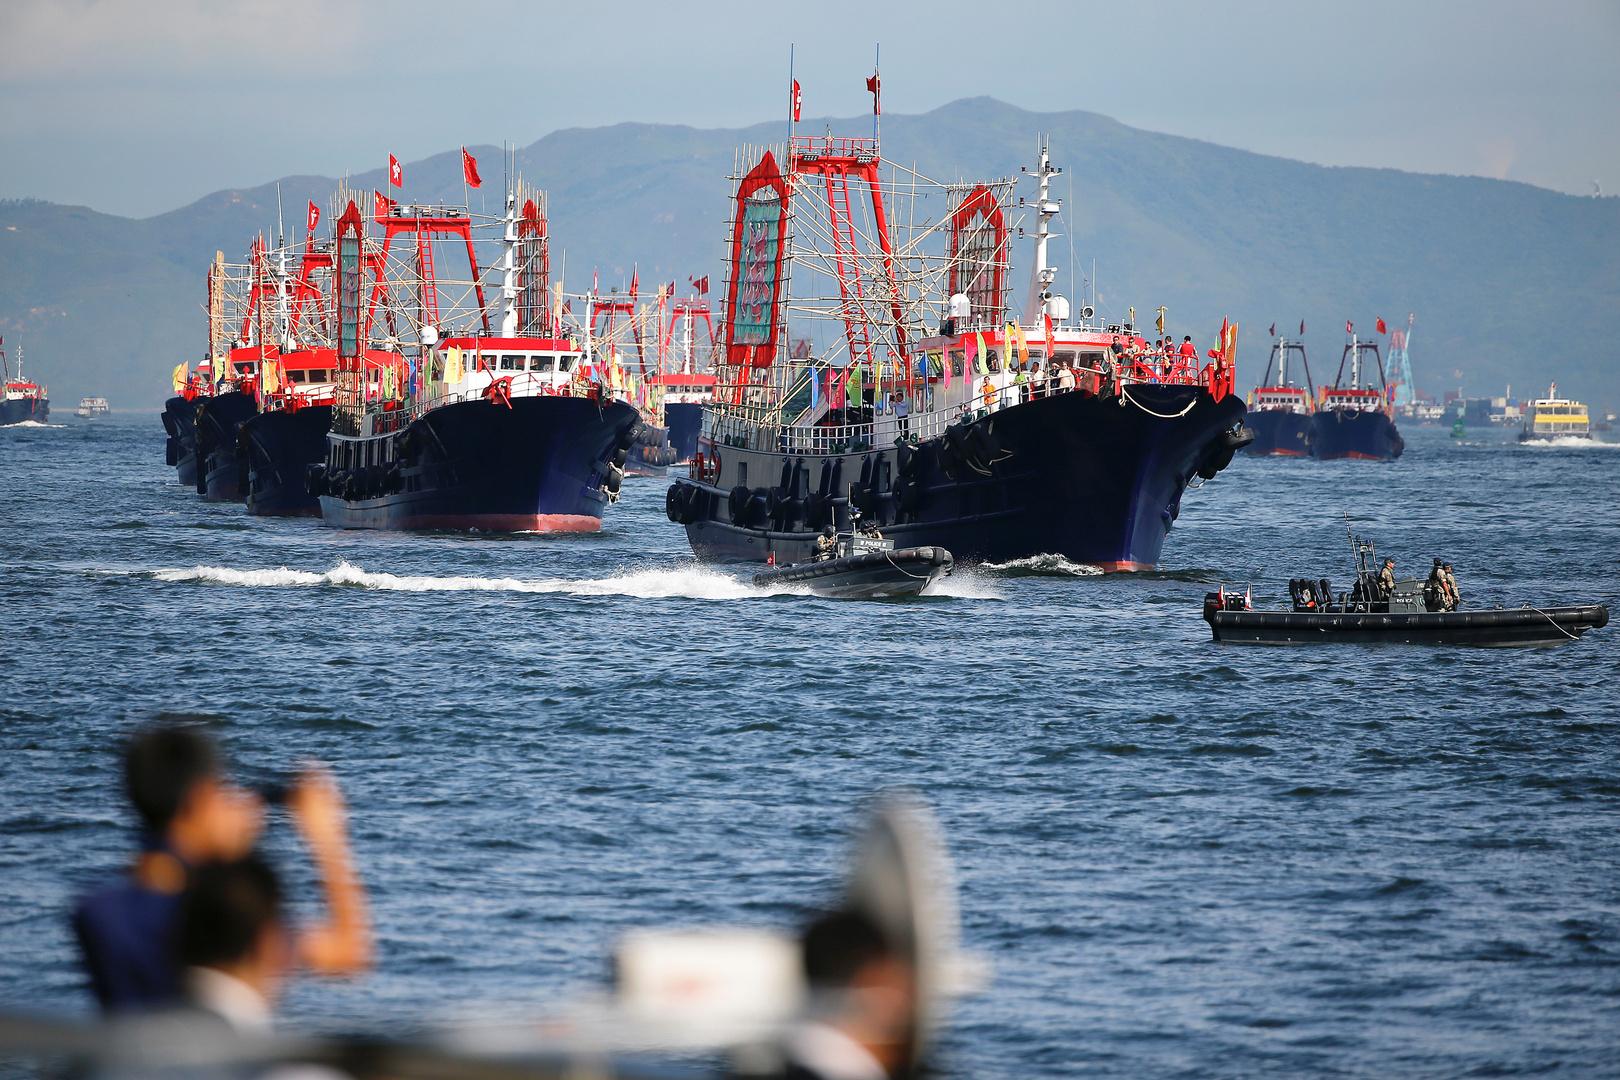 شركات بناء السفن الصينية تتقدم على منافساتها في كوريا الجنوبية